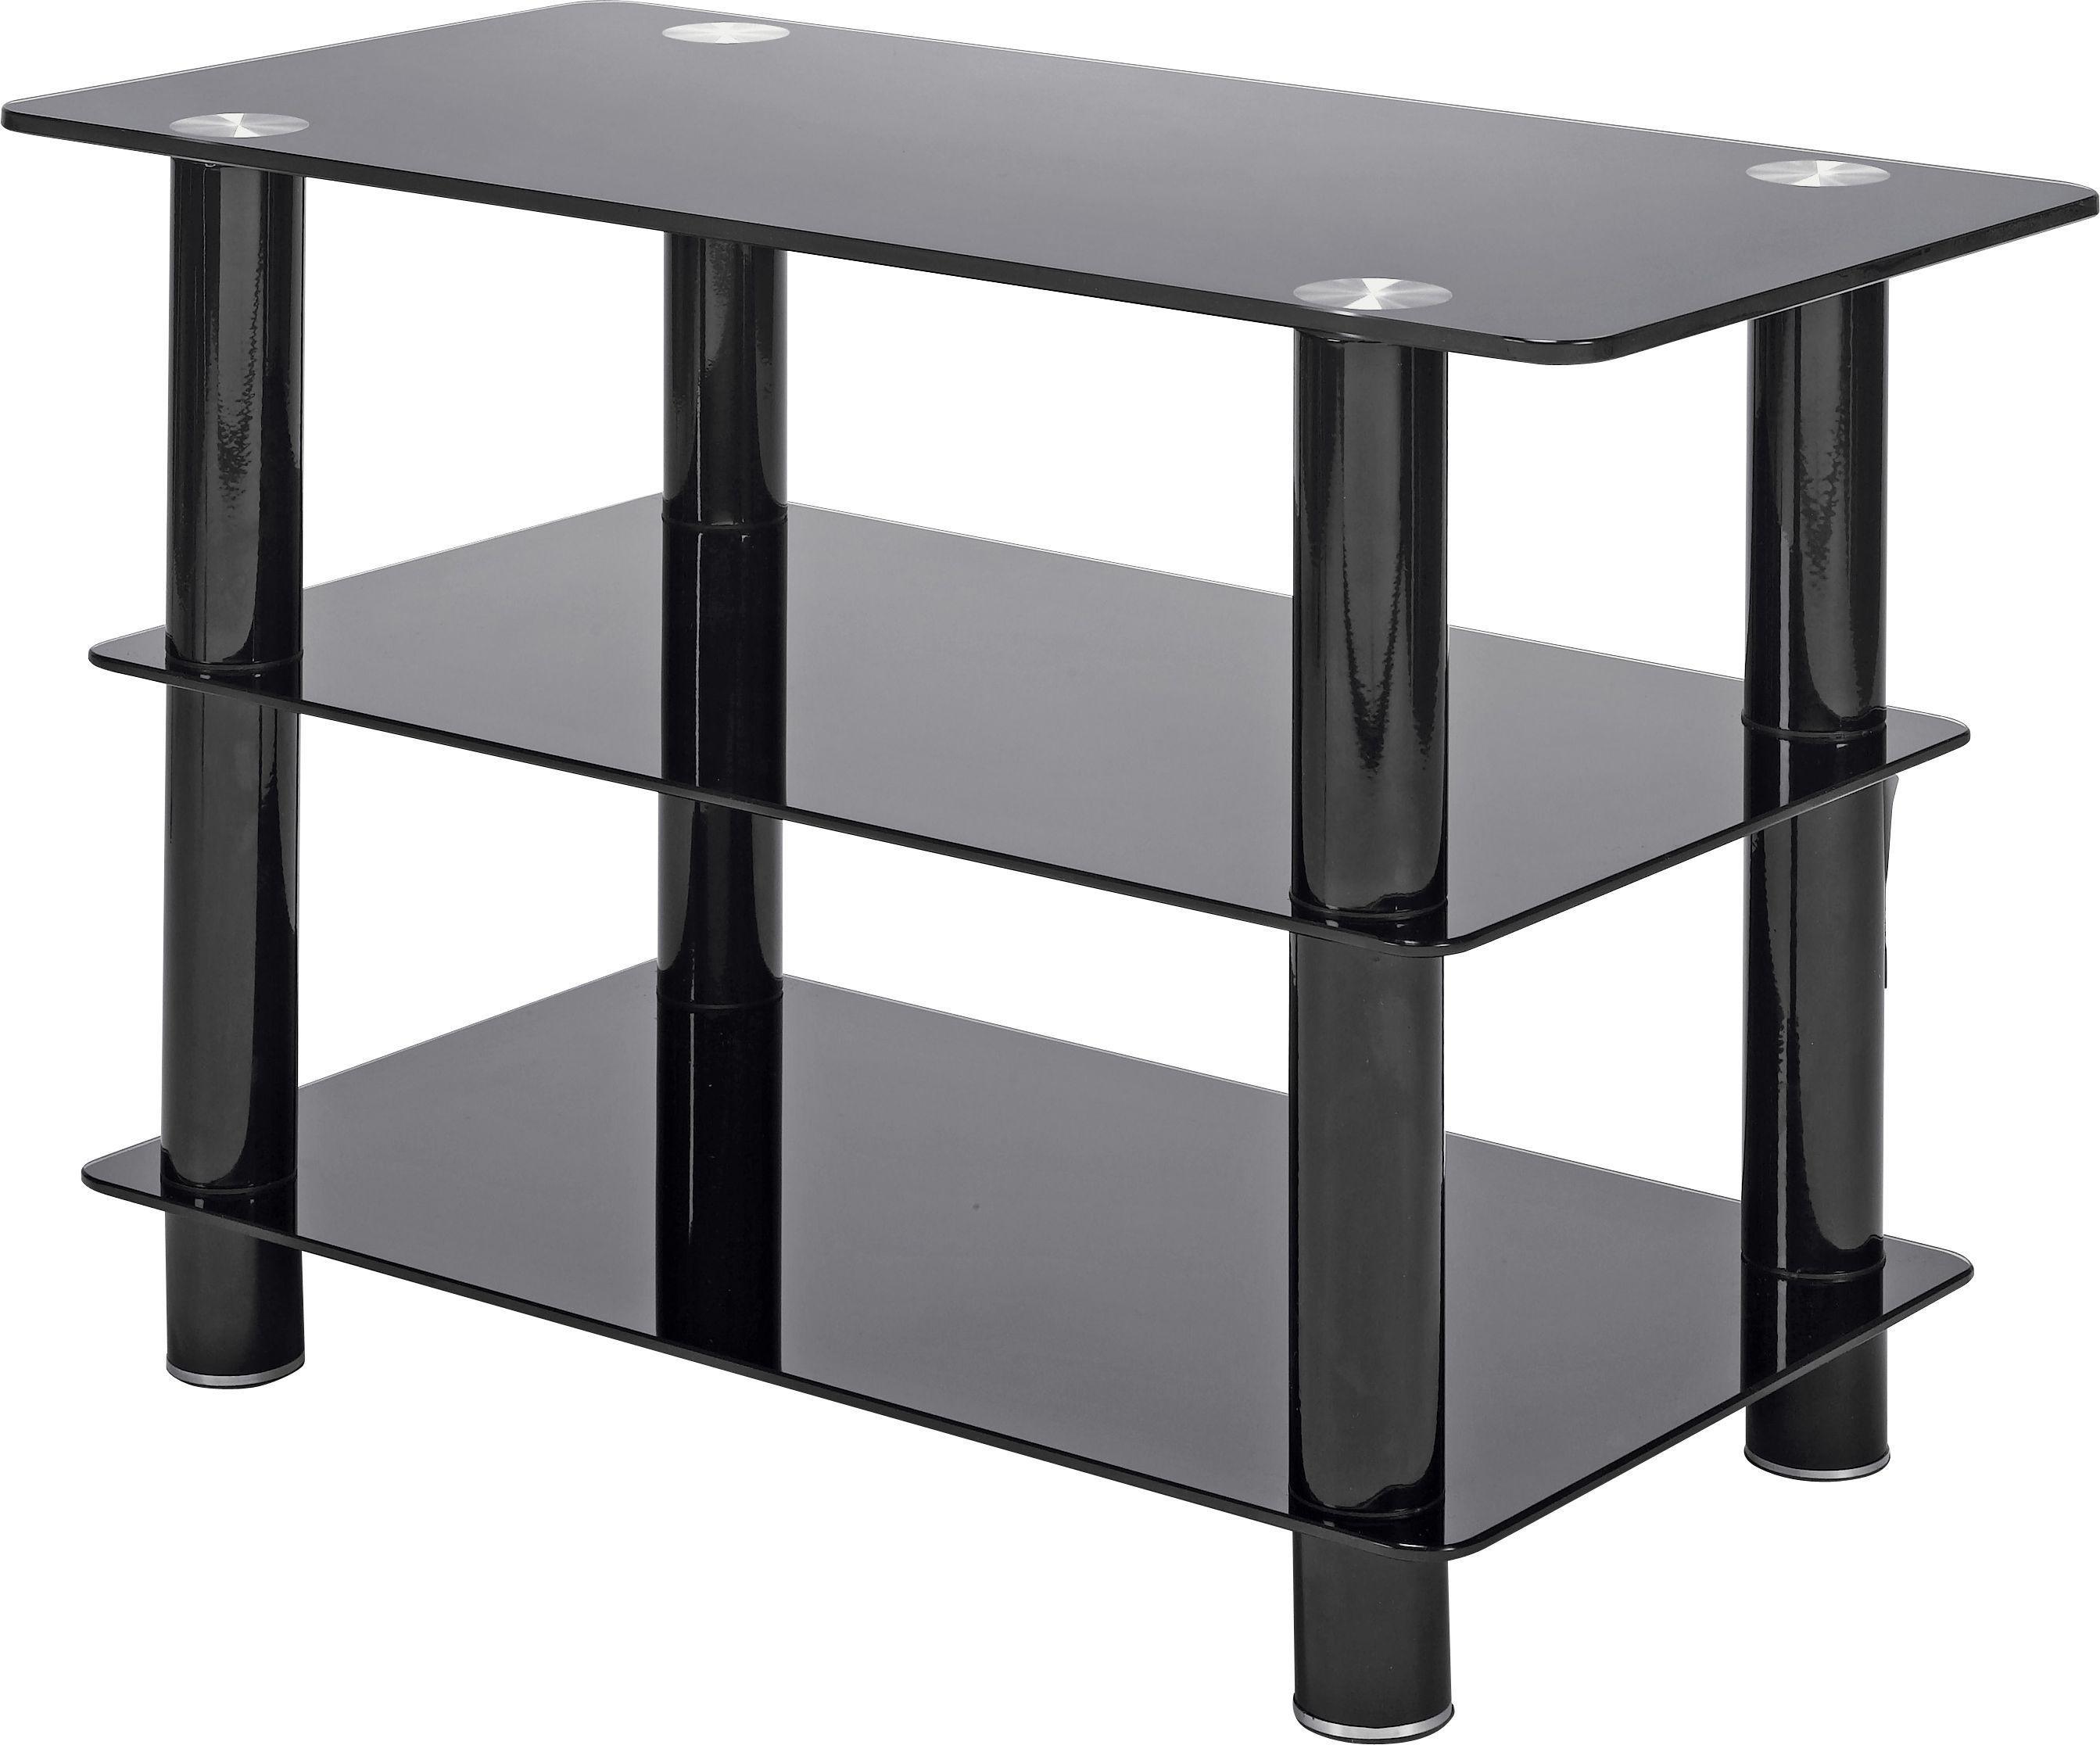 Black Glass 32 Inch Slimline TV Stand.